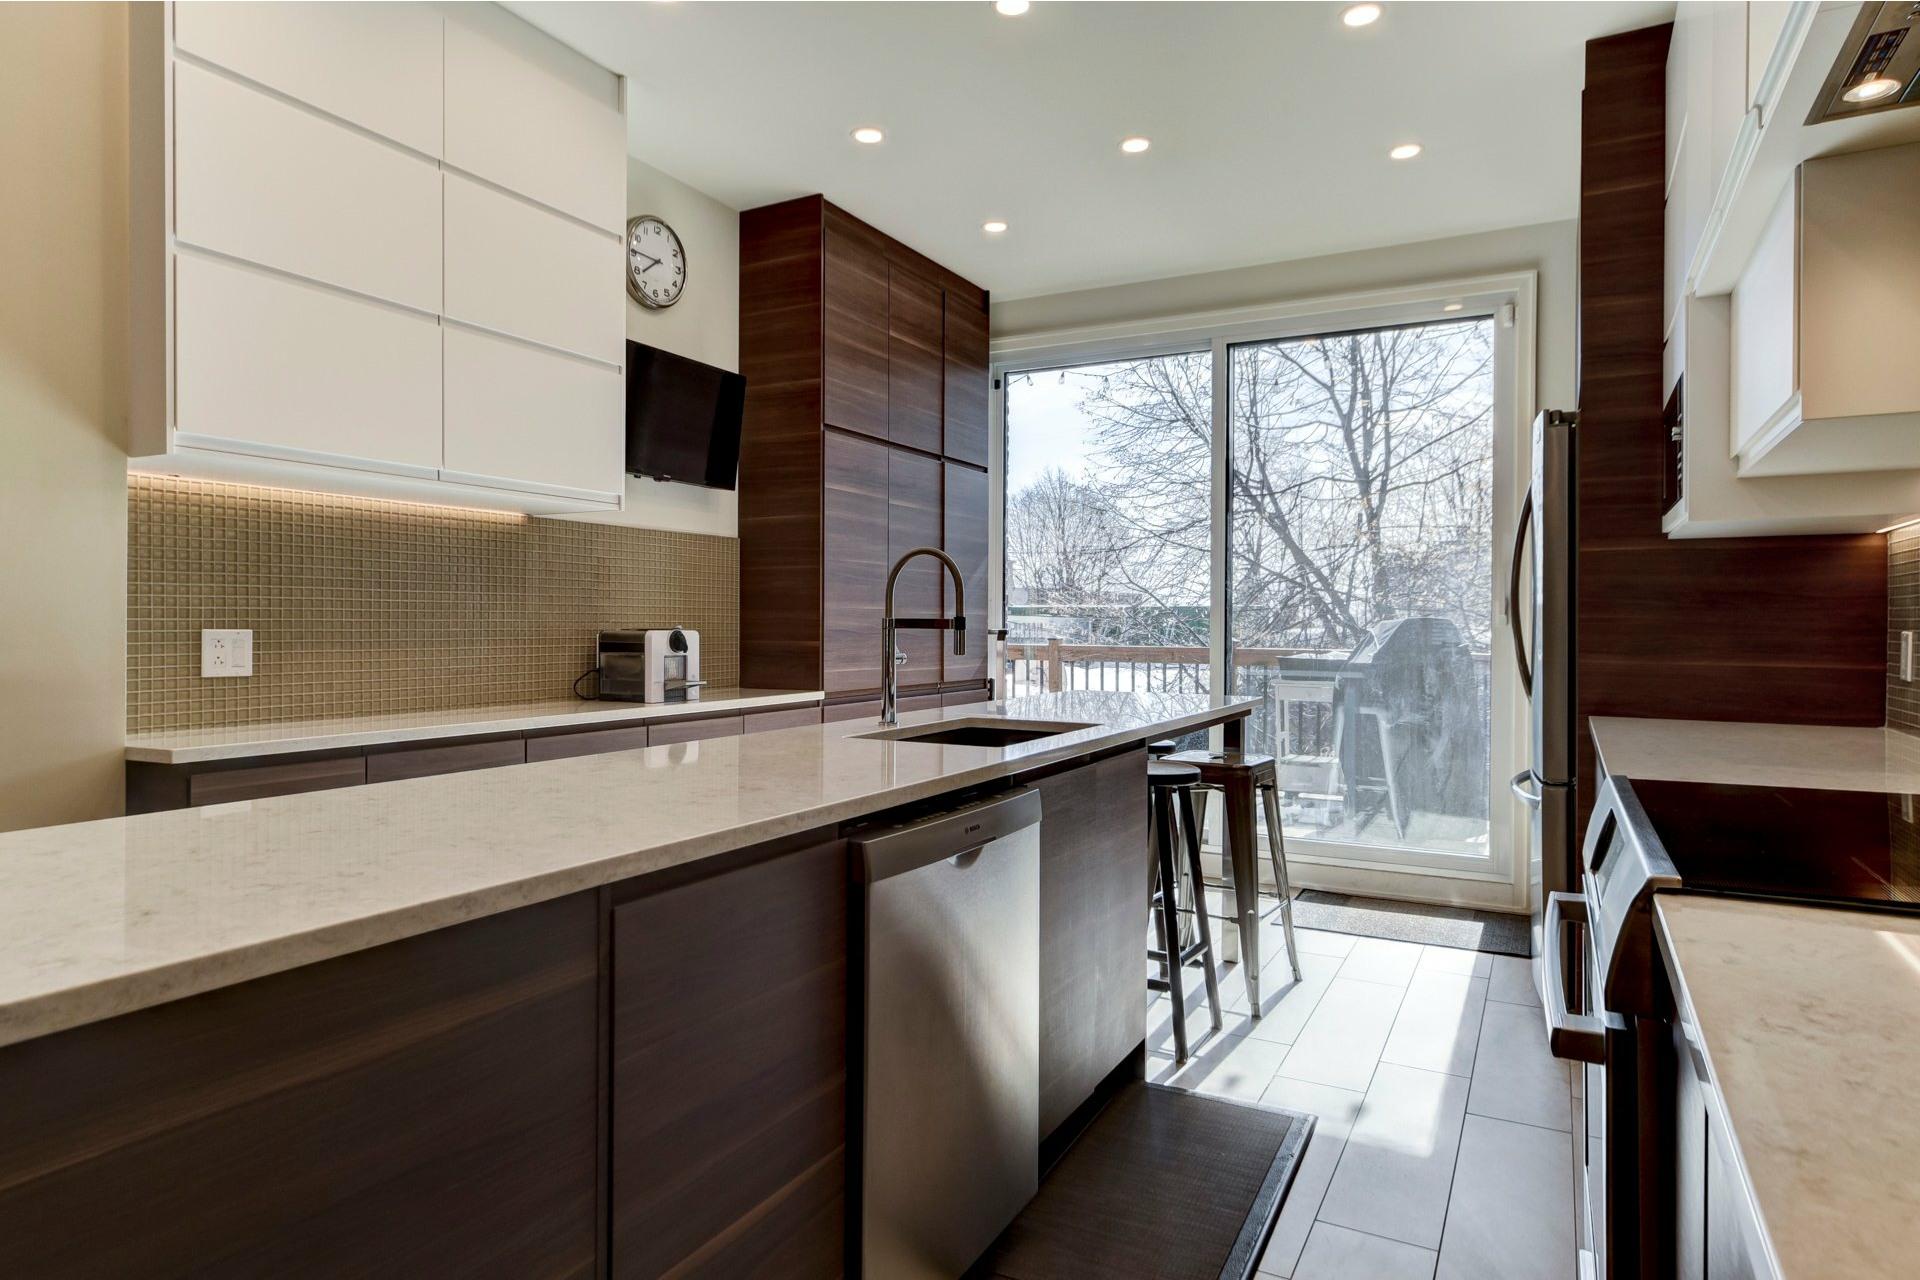 image 8 - Appartement À louer Côte-des-Neiges/Notre-Dame-de-Grâce Montréal  - 10 pièces